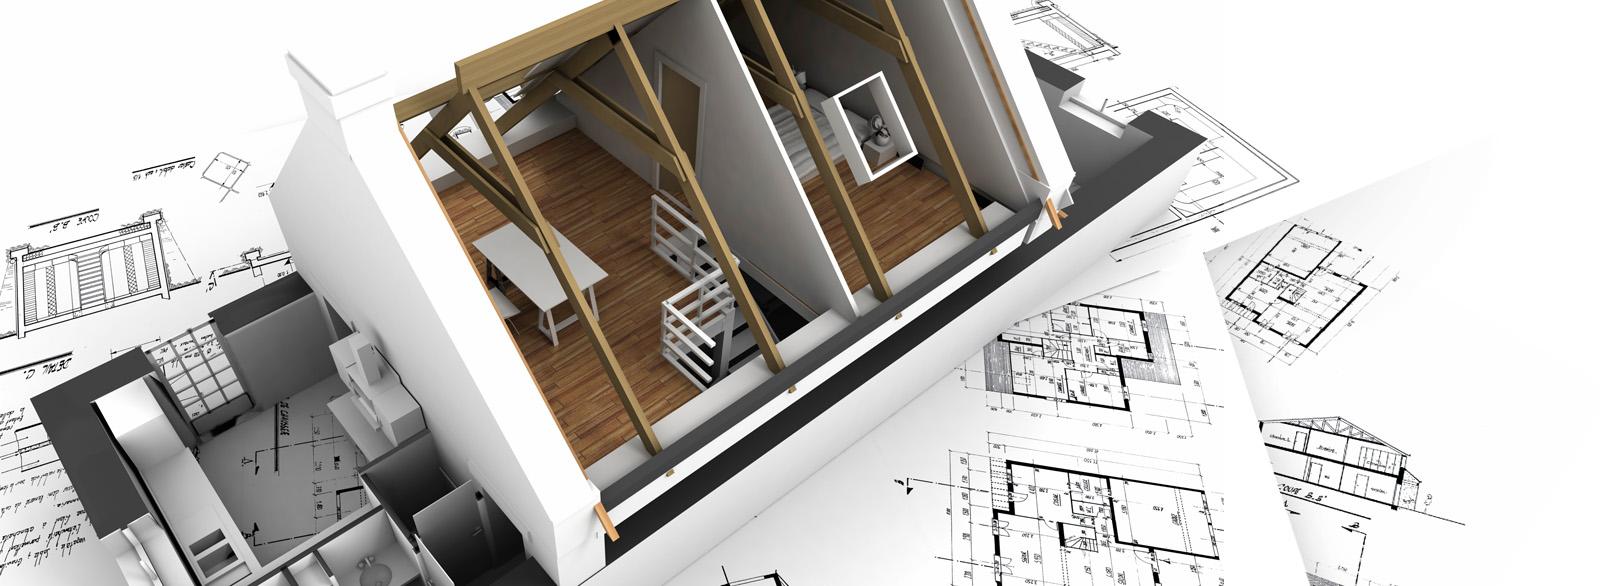 Curso de Dibujo Arquitectónico y Escenografía